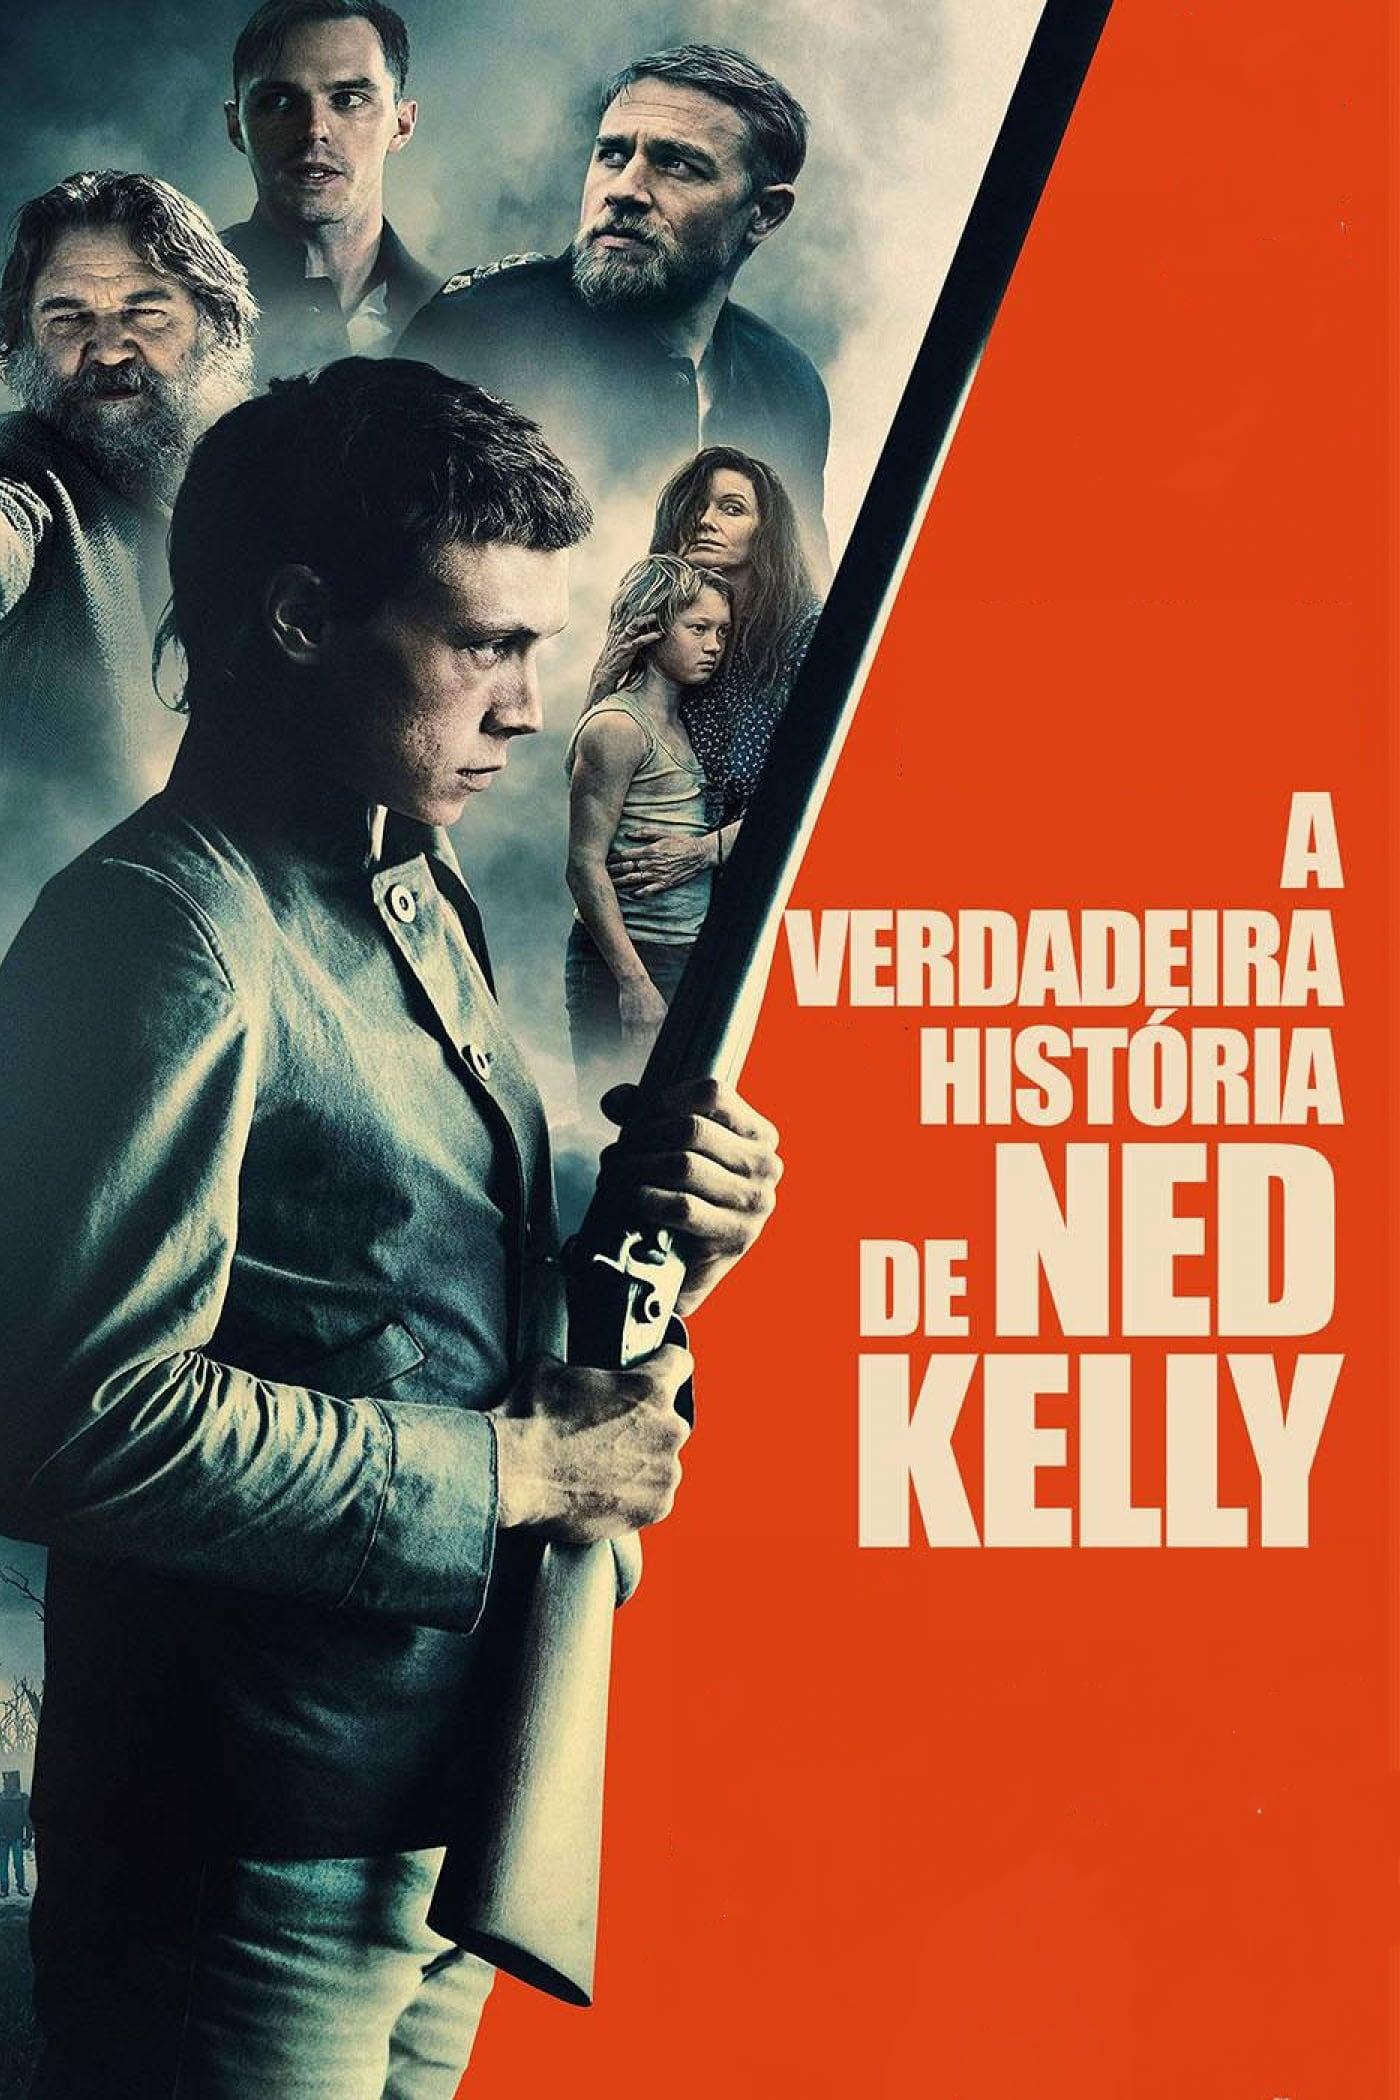 A Verdadeira História de Ned Kelly Dublado